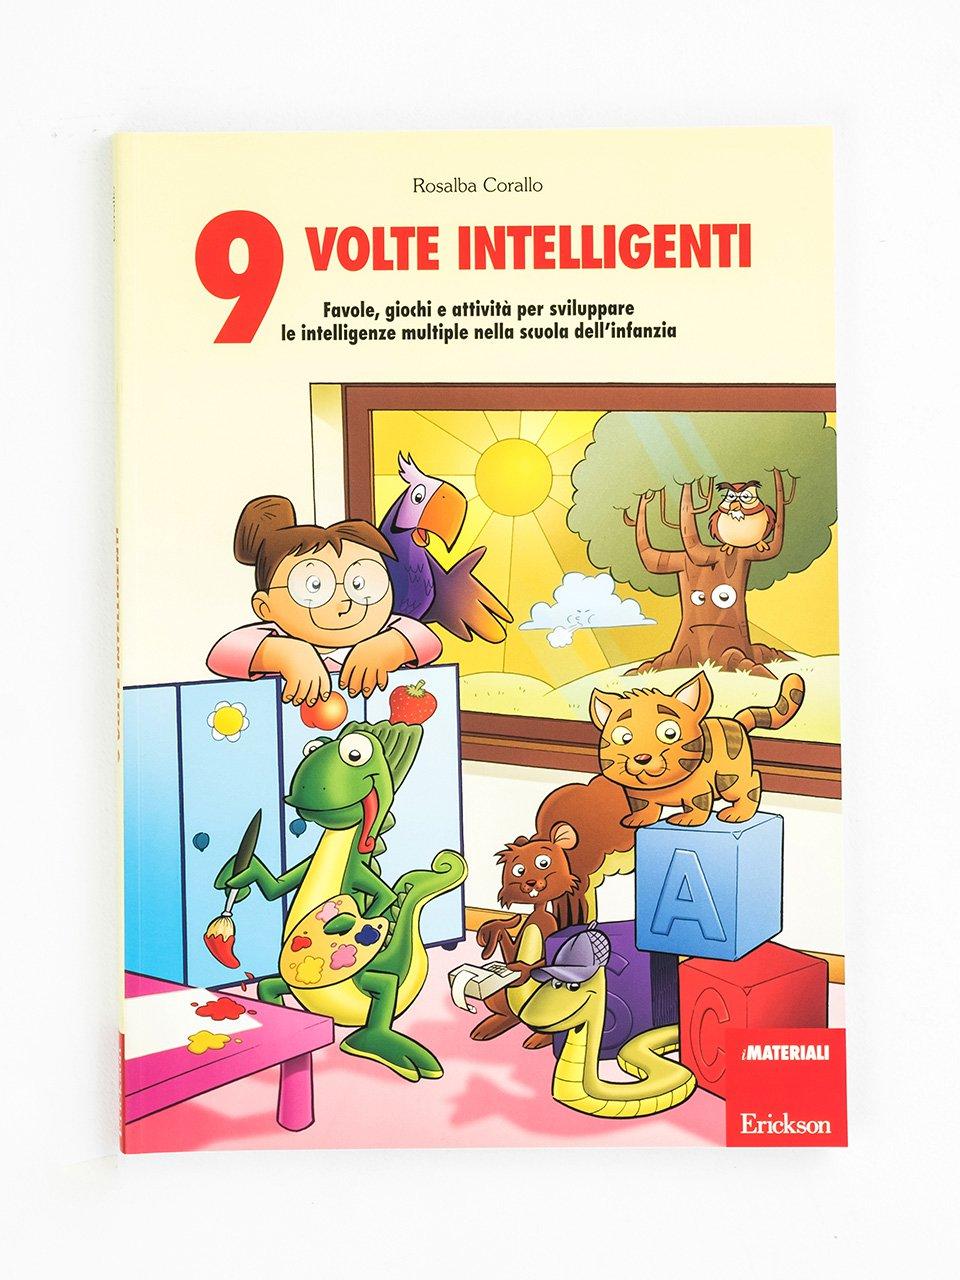 9 volte intelligenti - Rosalba Corallo - Erickson